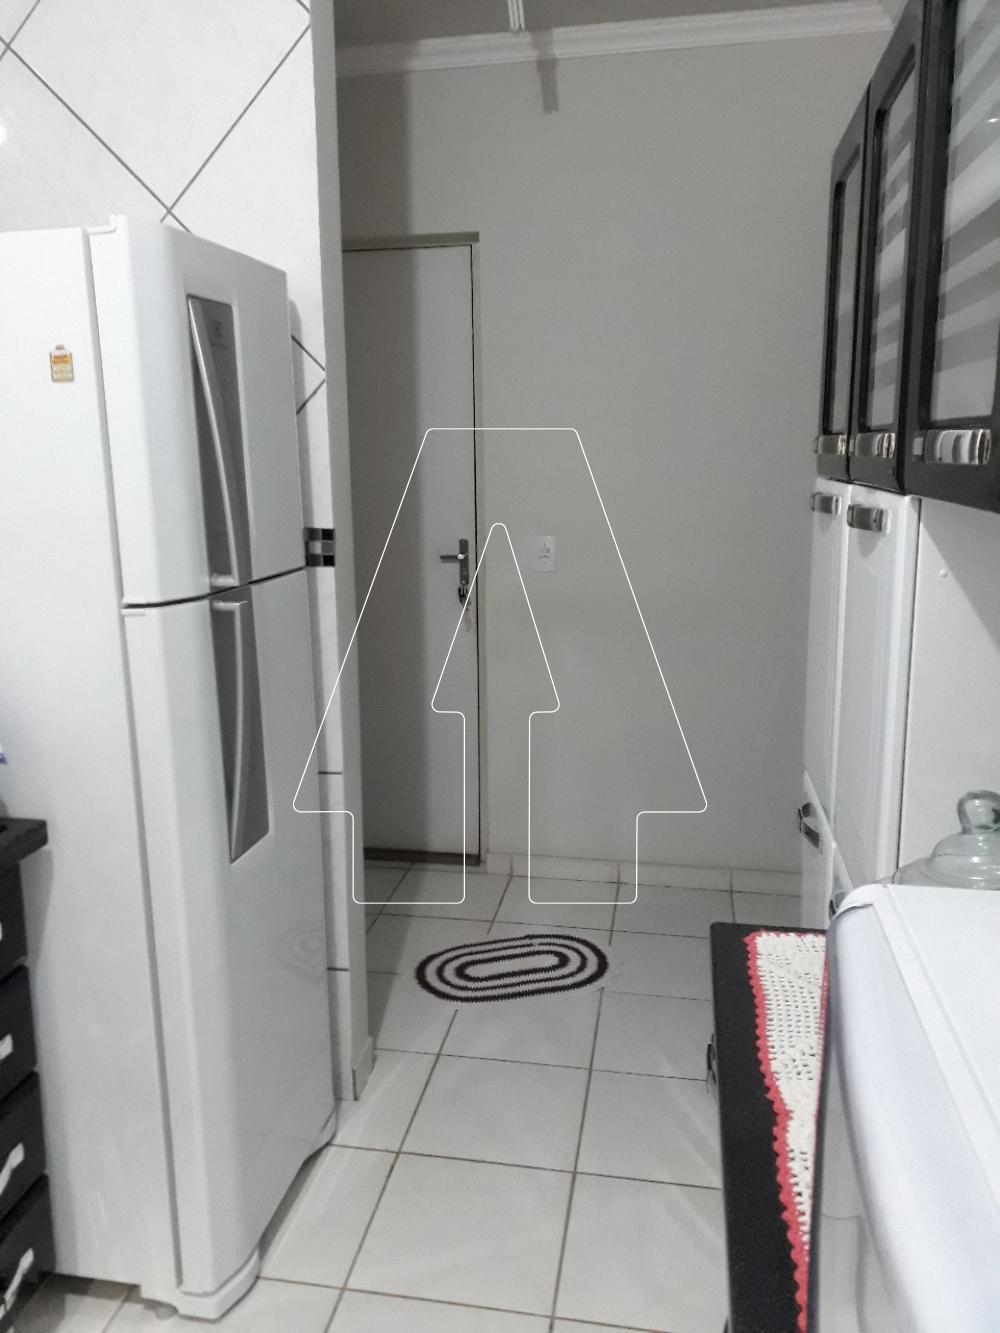 Comprar Apartamento / Padrão em Araçatuba R$ 110.000,00 - Foto 7